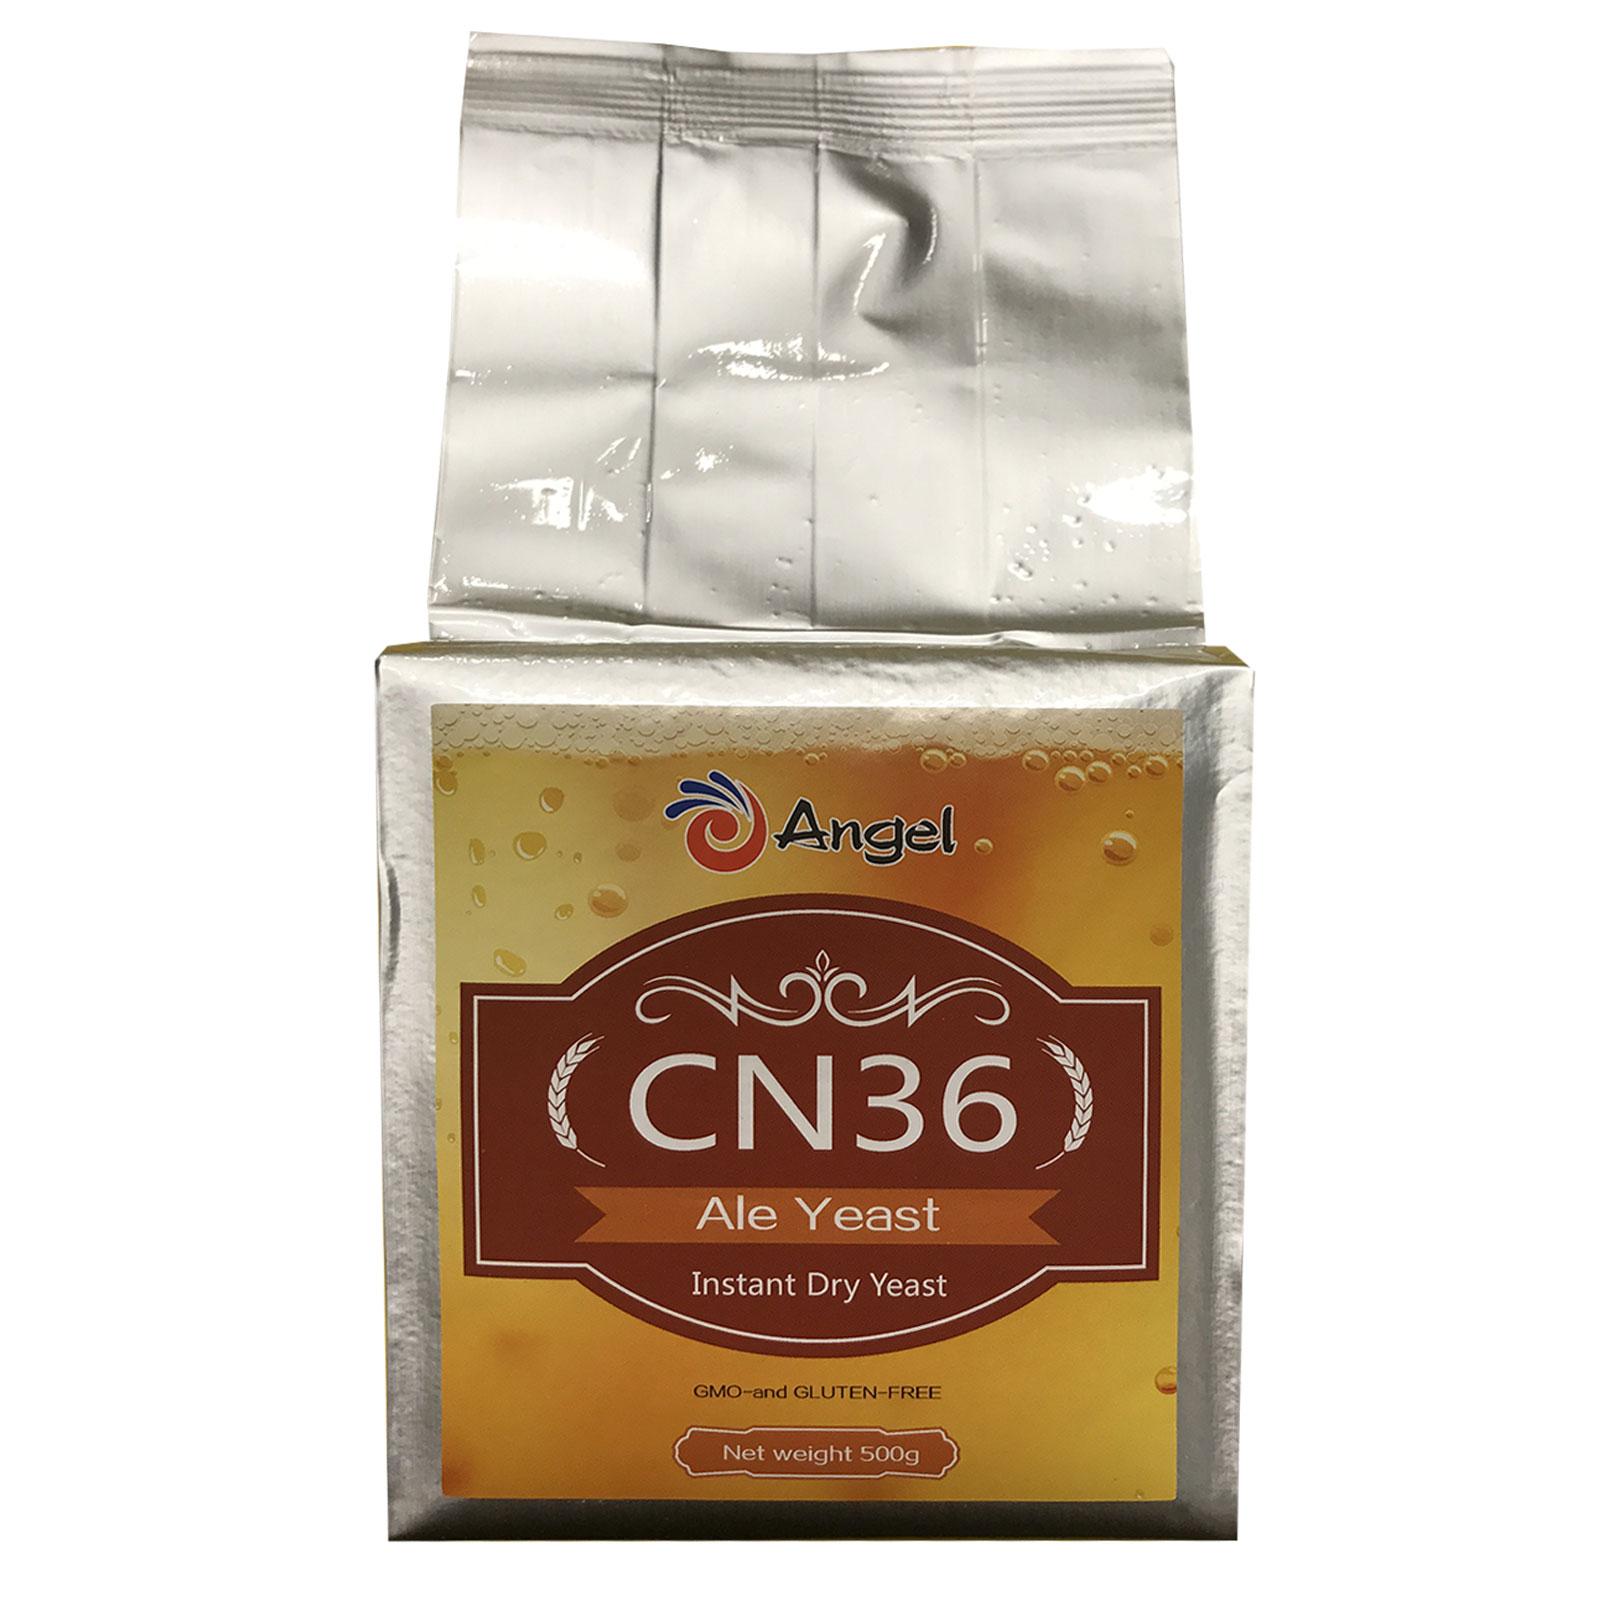 Lievito secco per birra CN36  Ale Yeast 500 gr